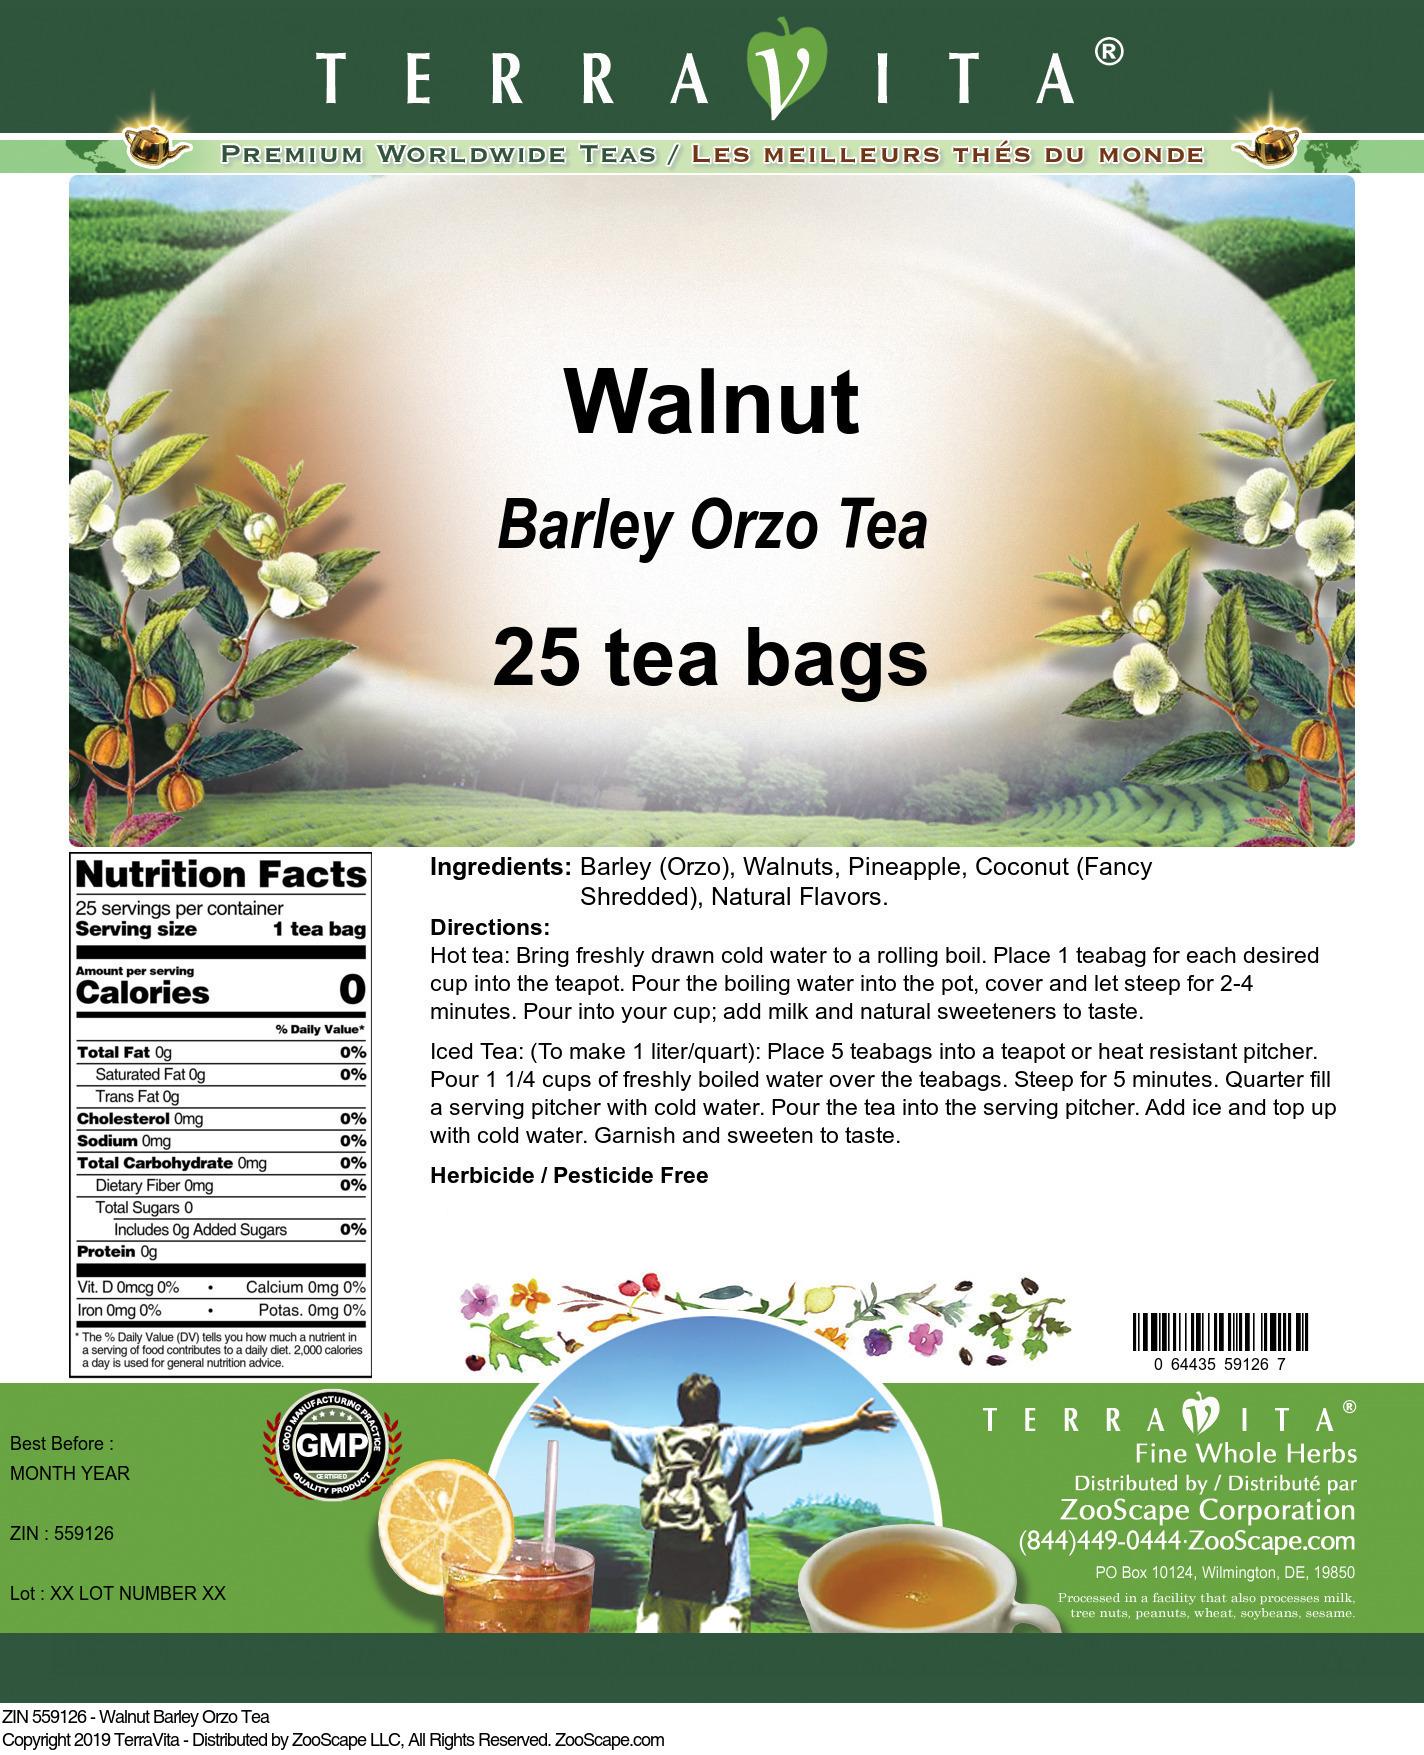 Walnut Barley Orzo Tea